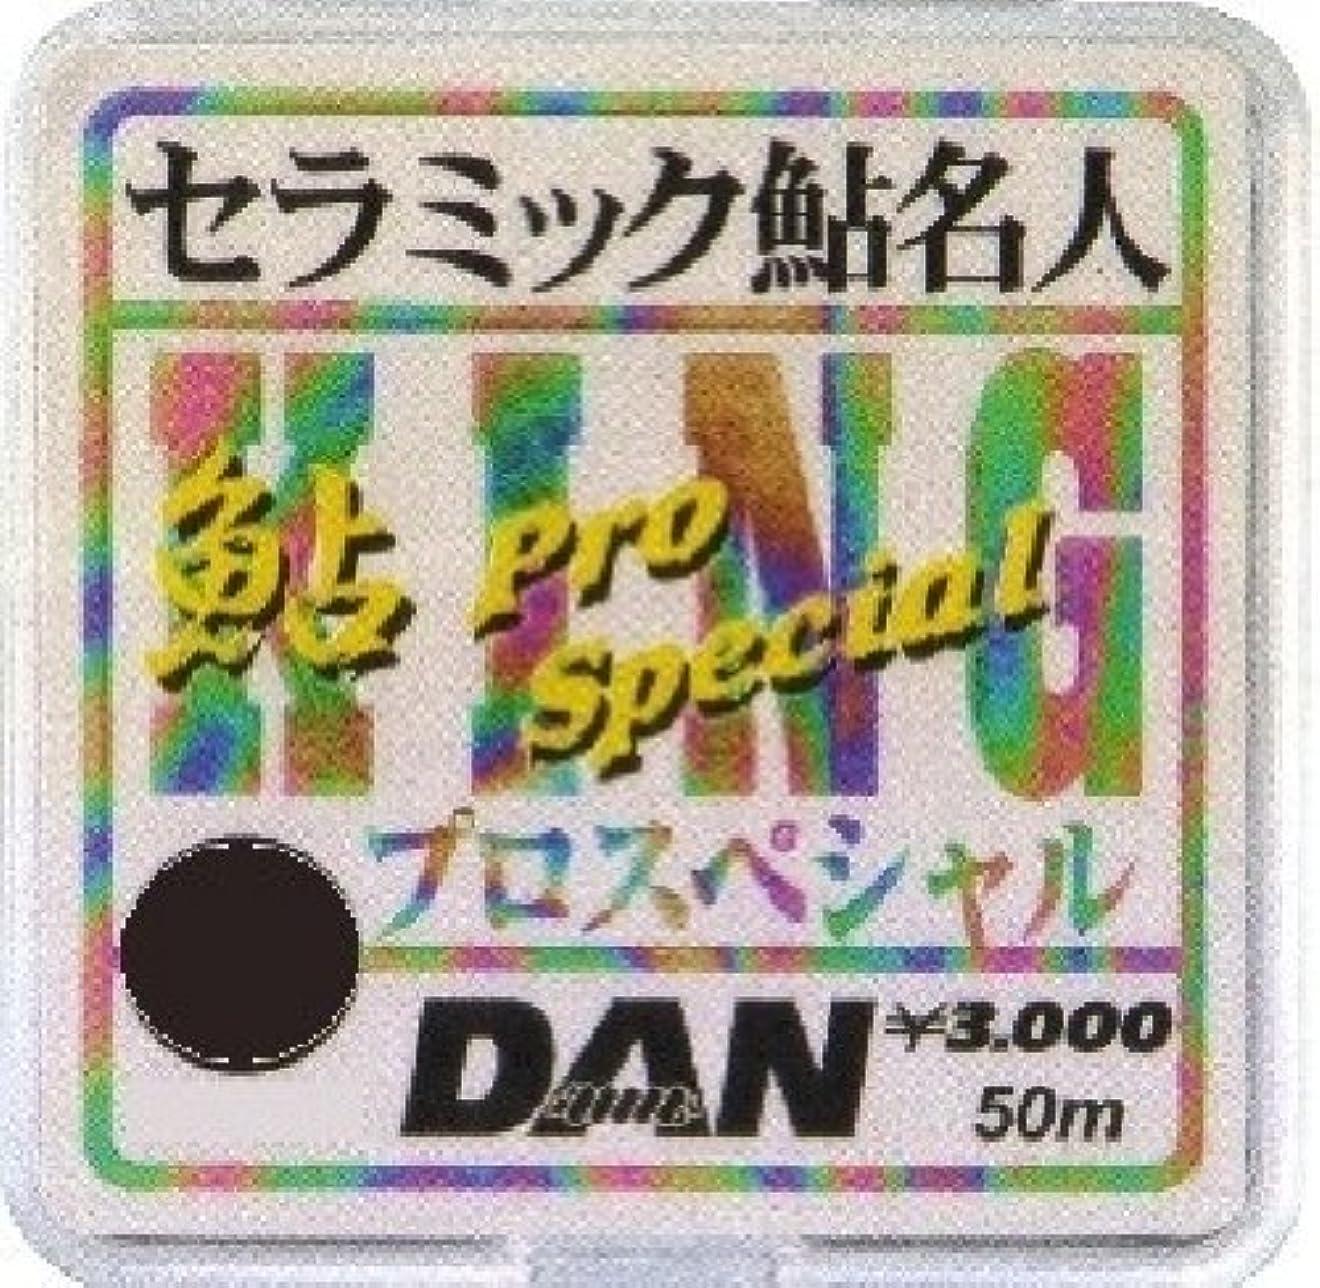 ながらダーベビルのテス壊れたダン(DAN) ライン セラミック鮎キングプロスペシャル 0.3号